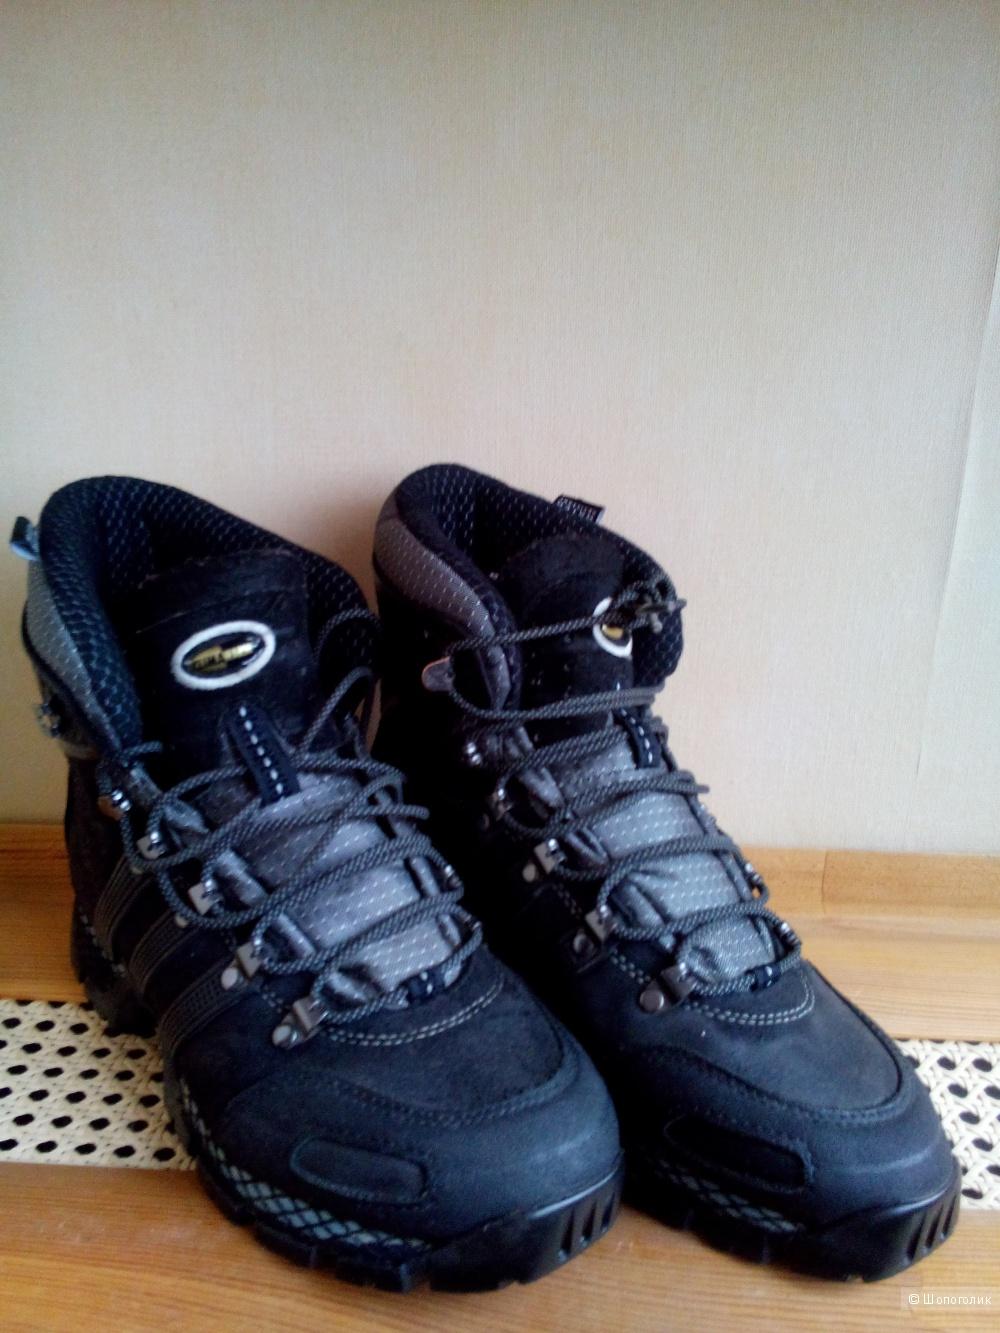 Ботинки-кроссовки ADIDAS Waterproof Climawarm зима-осень в размере 38 FR, 5 1/2 US,5UK